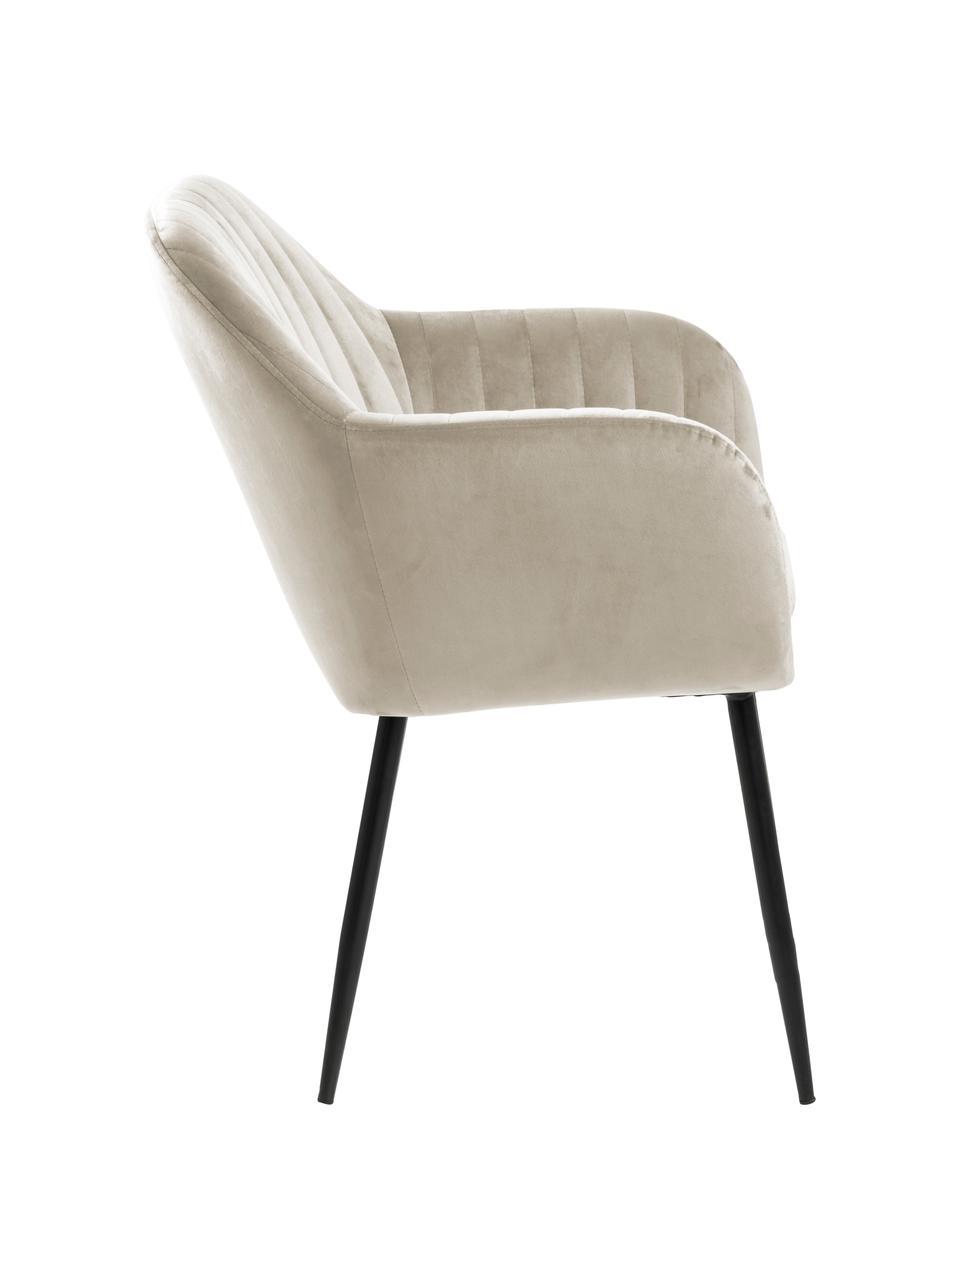 Krzesło z podłokietnikami z aksamitu i metalowymi nogami Emilia, Tapicerka: aksamit poliestrowy Dzięk, Nogi: metal lakierowany, Aksamitny beżowy, czarny, S 57 x G 59 cm